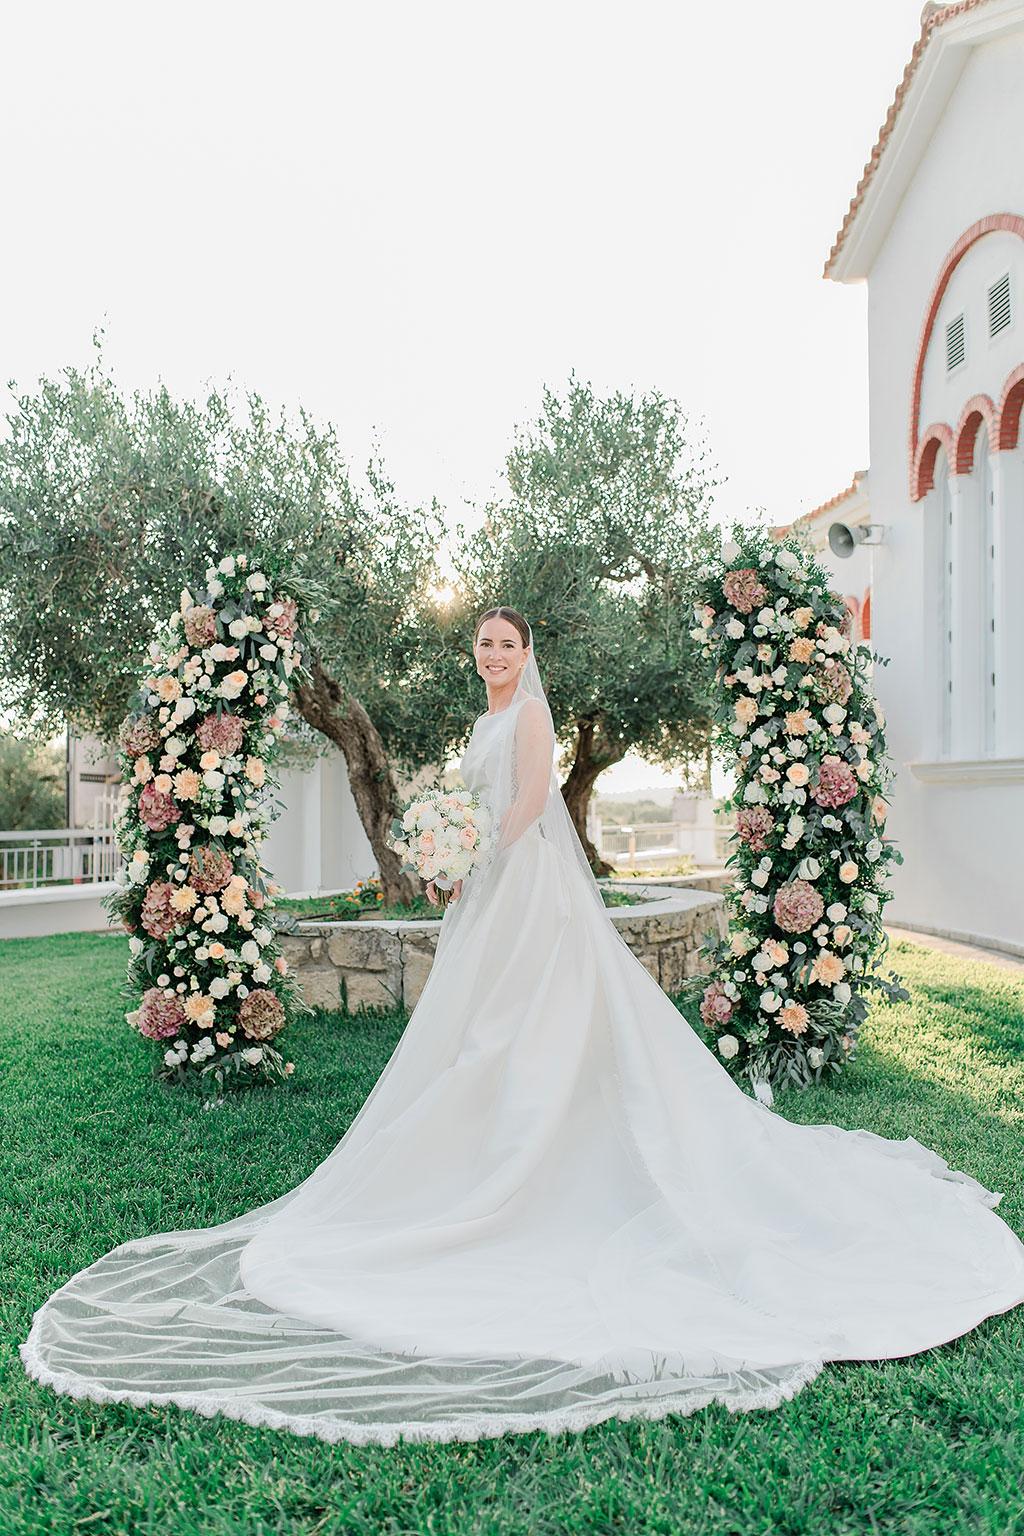 Φωτογράφος γάμου Χαλκιδική, elegant bridal portrait